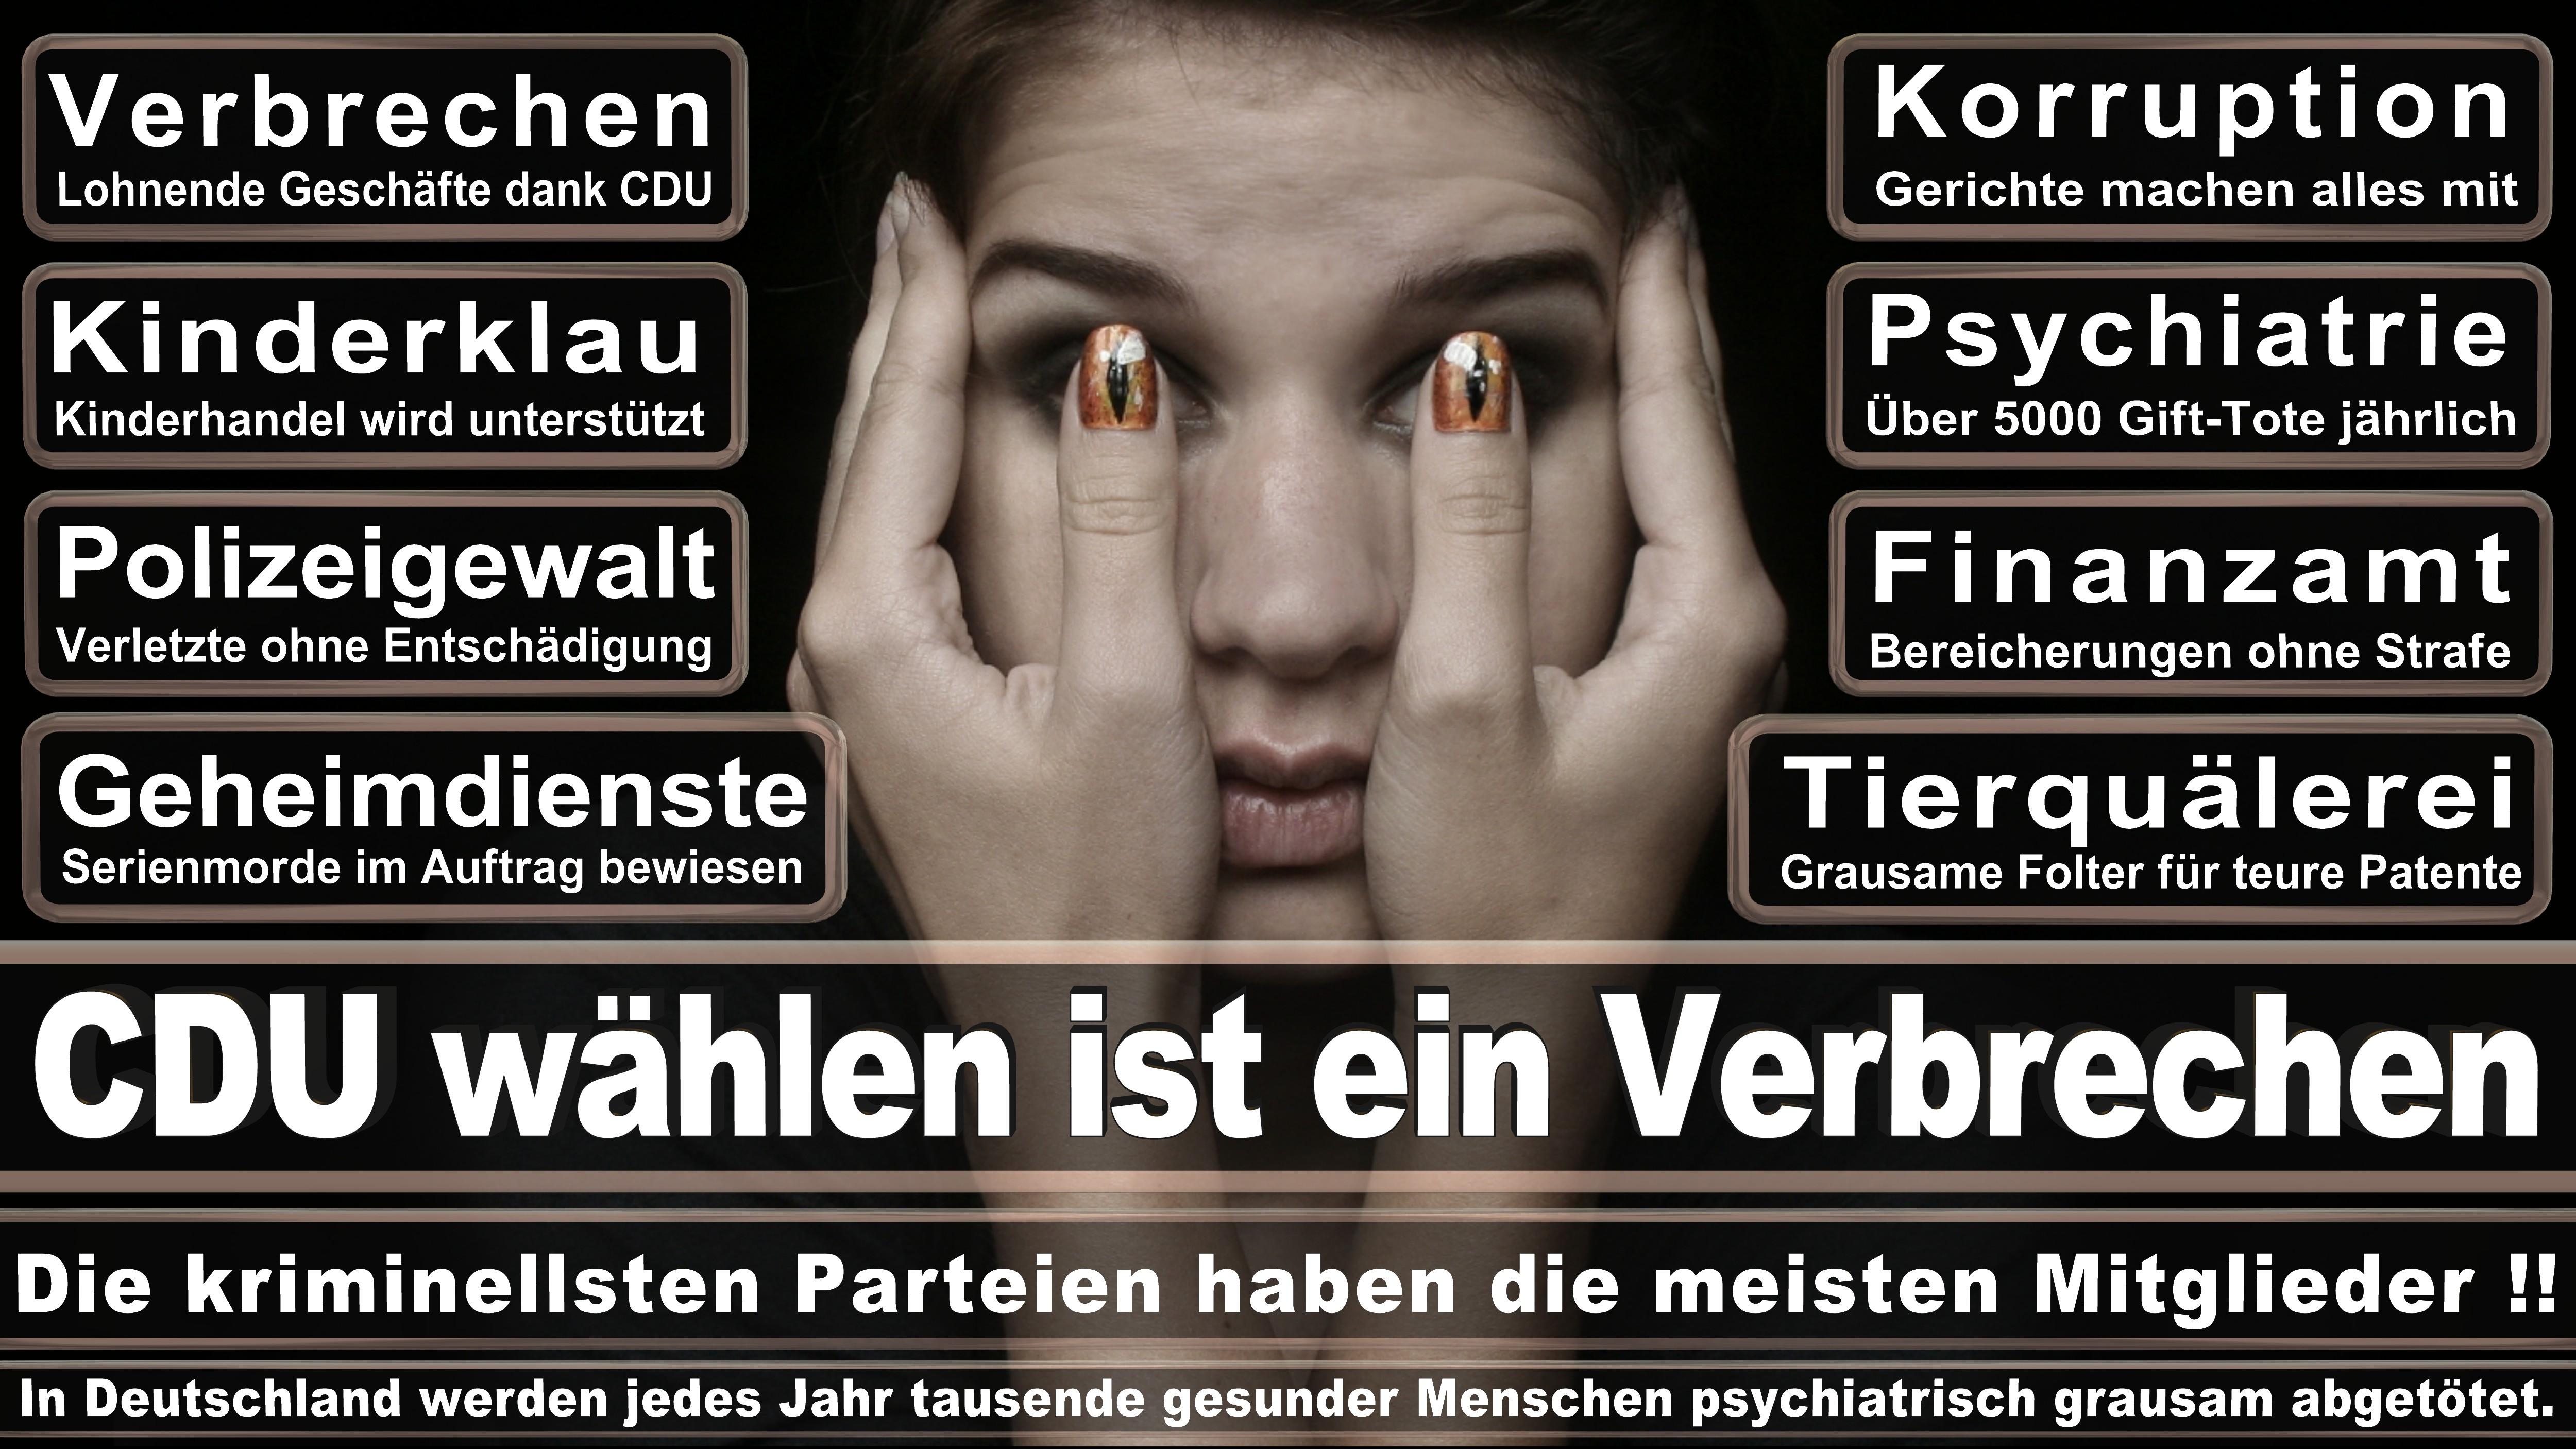 CDU, BIELEFELD, RATSMITGLIEDER, VORSTAND, ORTSVERBAND, MITGLIEDER (51)